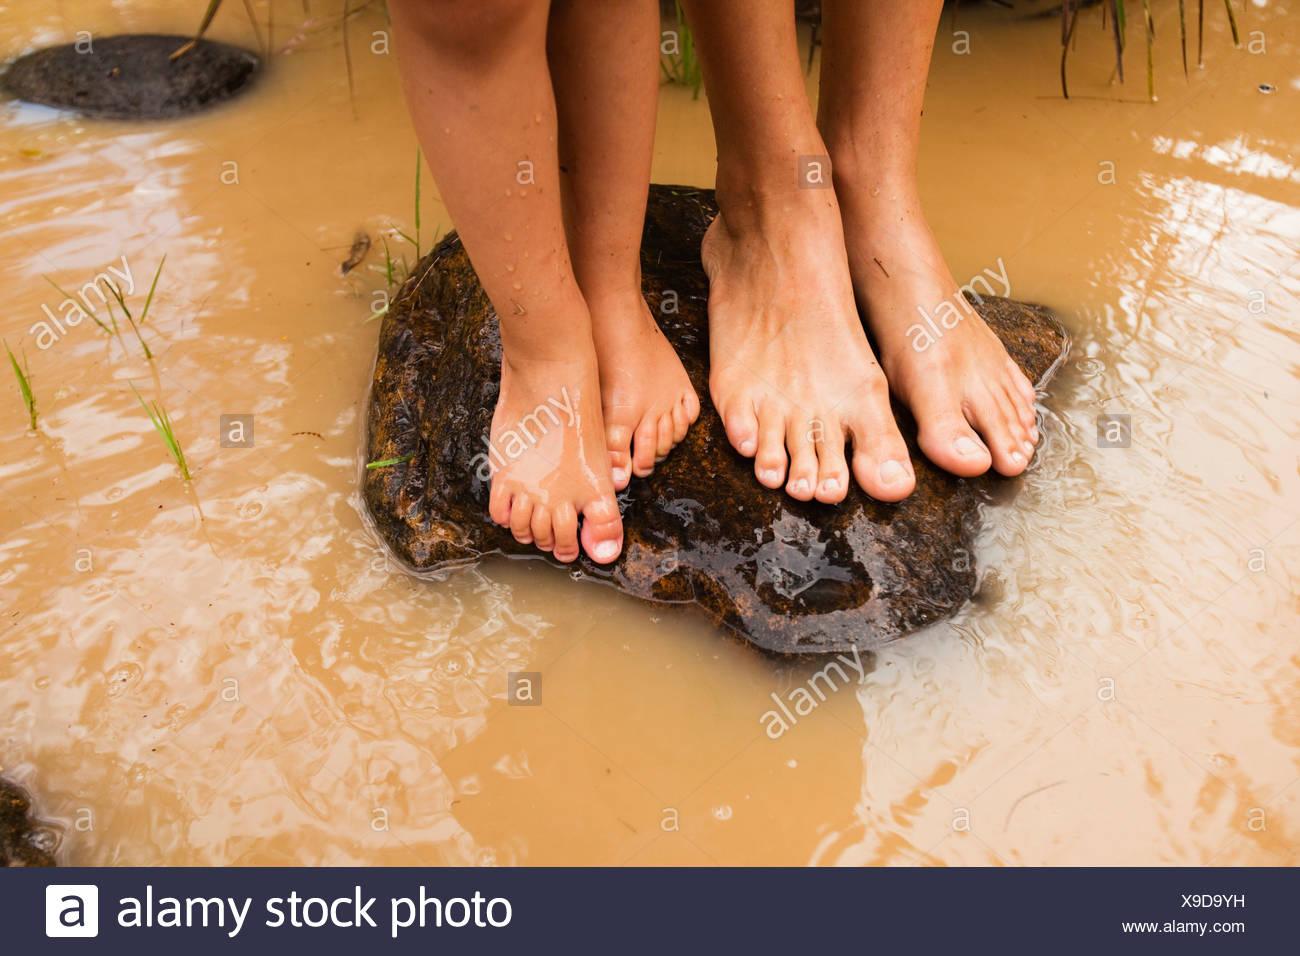 Los pies descalzos de pie sobre una roca en aguas turbias en currumbin creek; currumbin, Gold Coast, Queensland, Australia Foto de stock